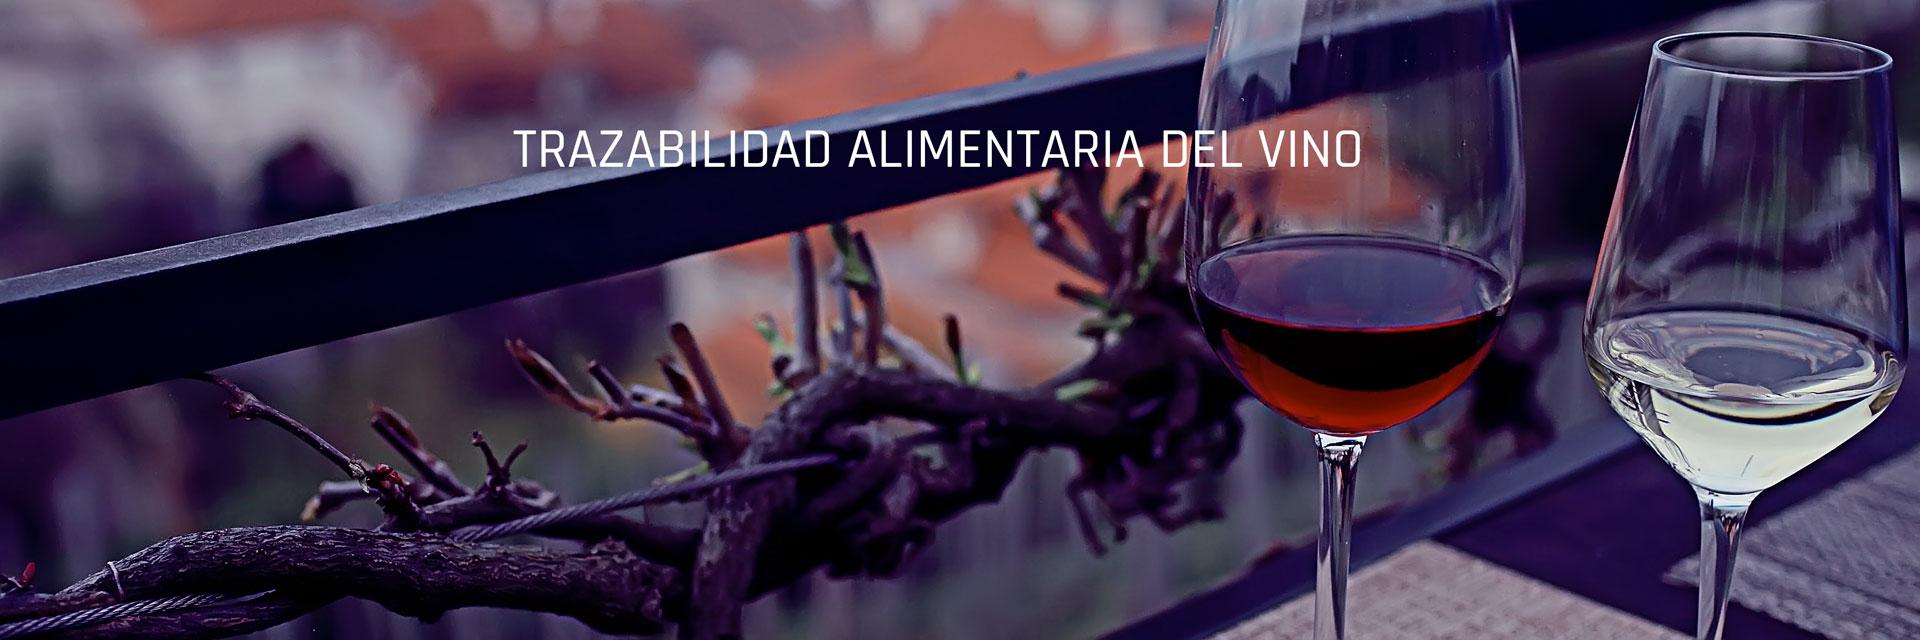 trazabilidad-alimentaria-del-vino